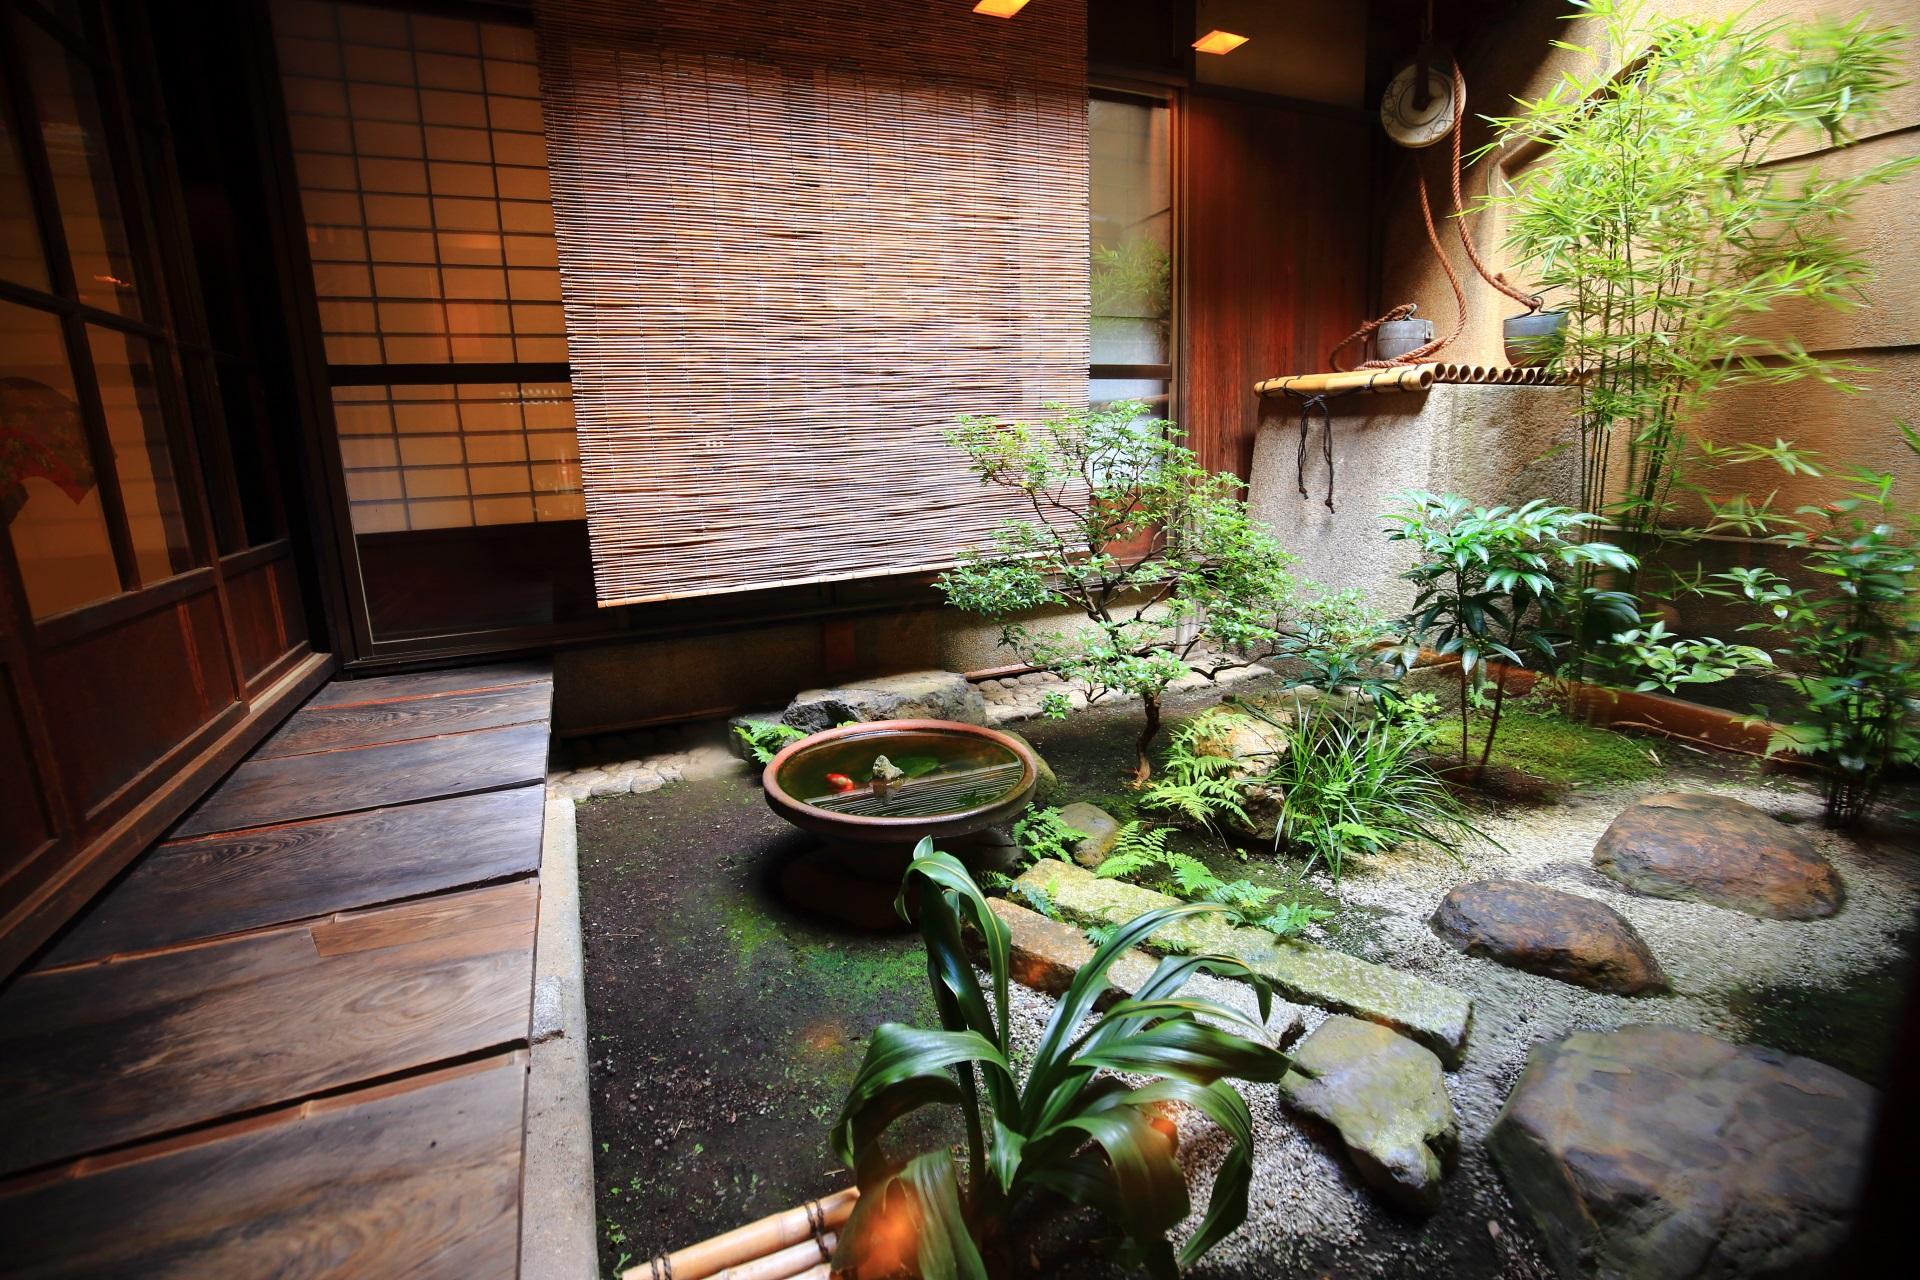 栖園の落ち着いた雰囲気と色合いの中庭